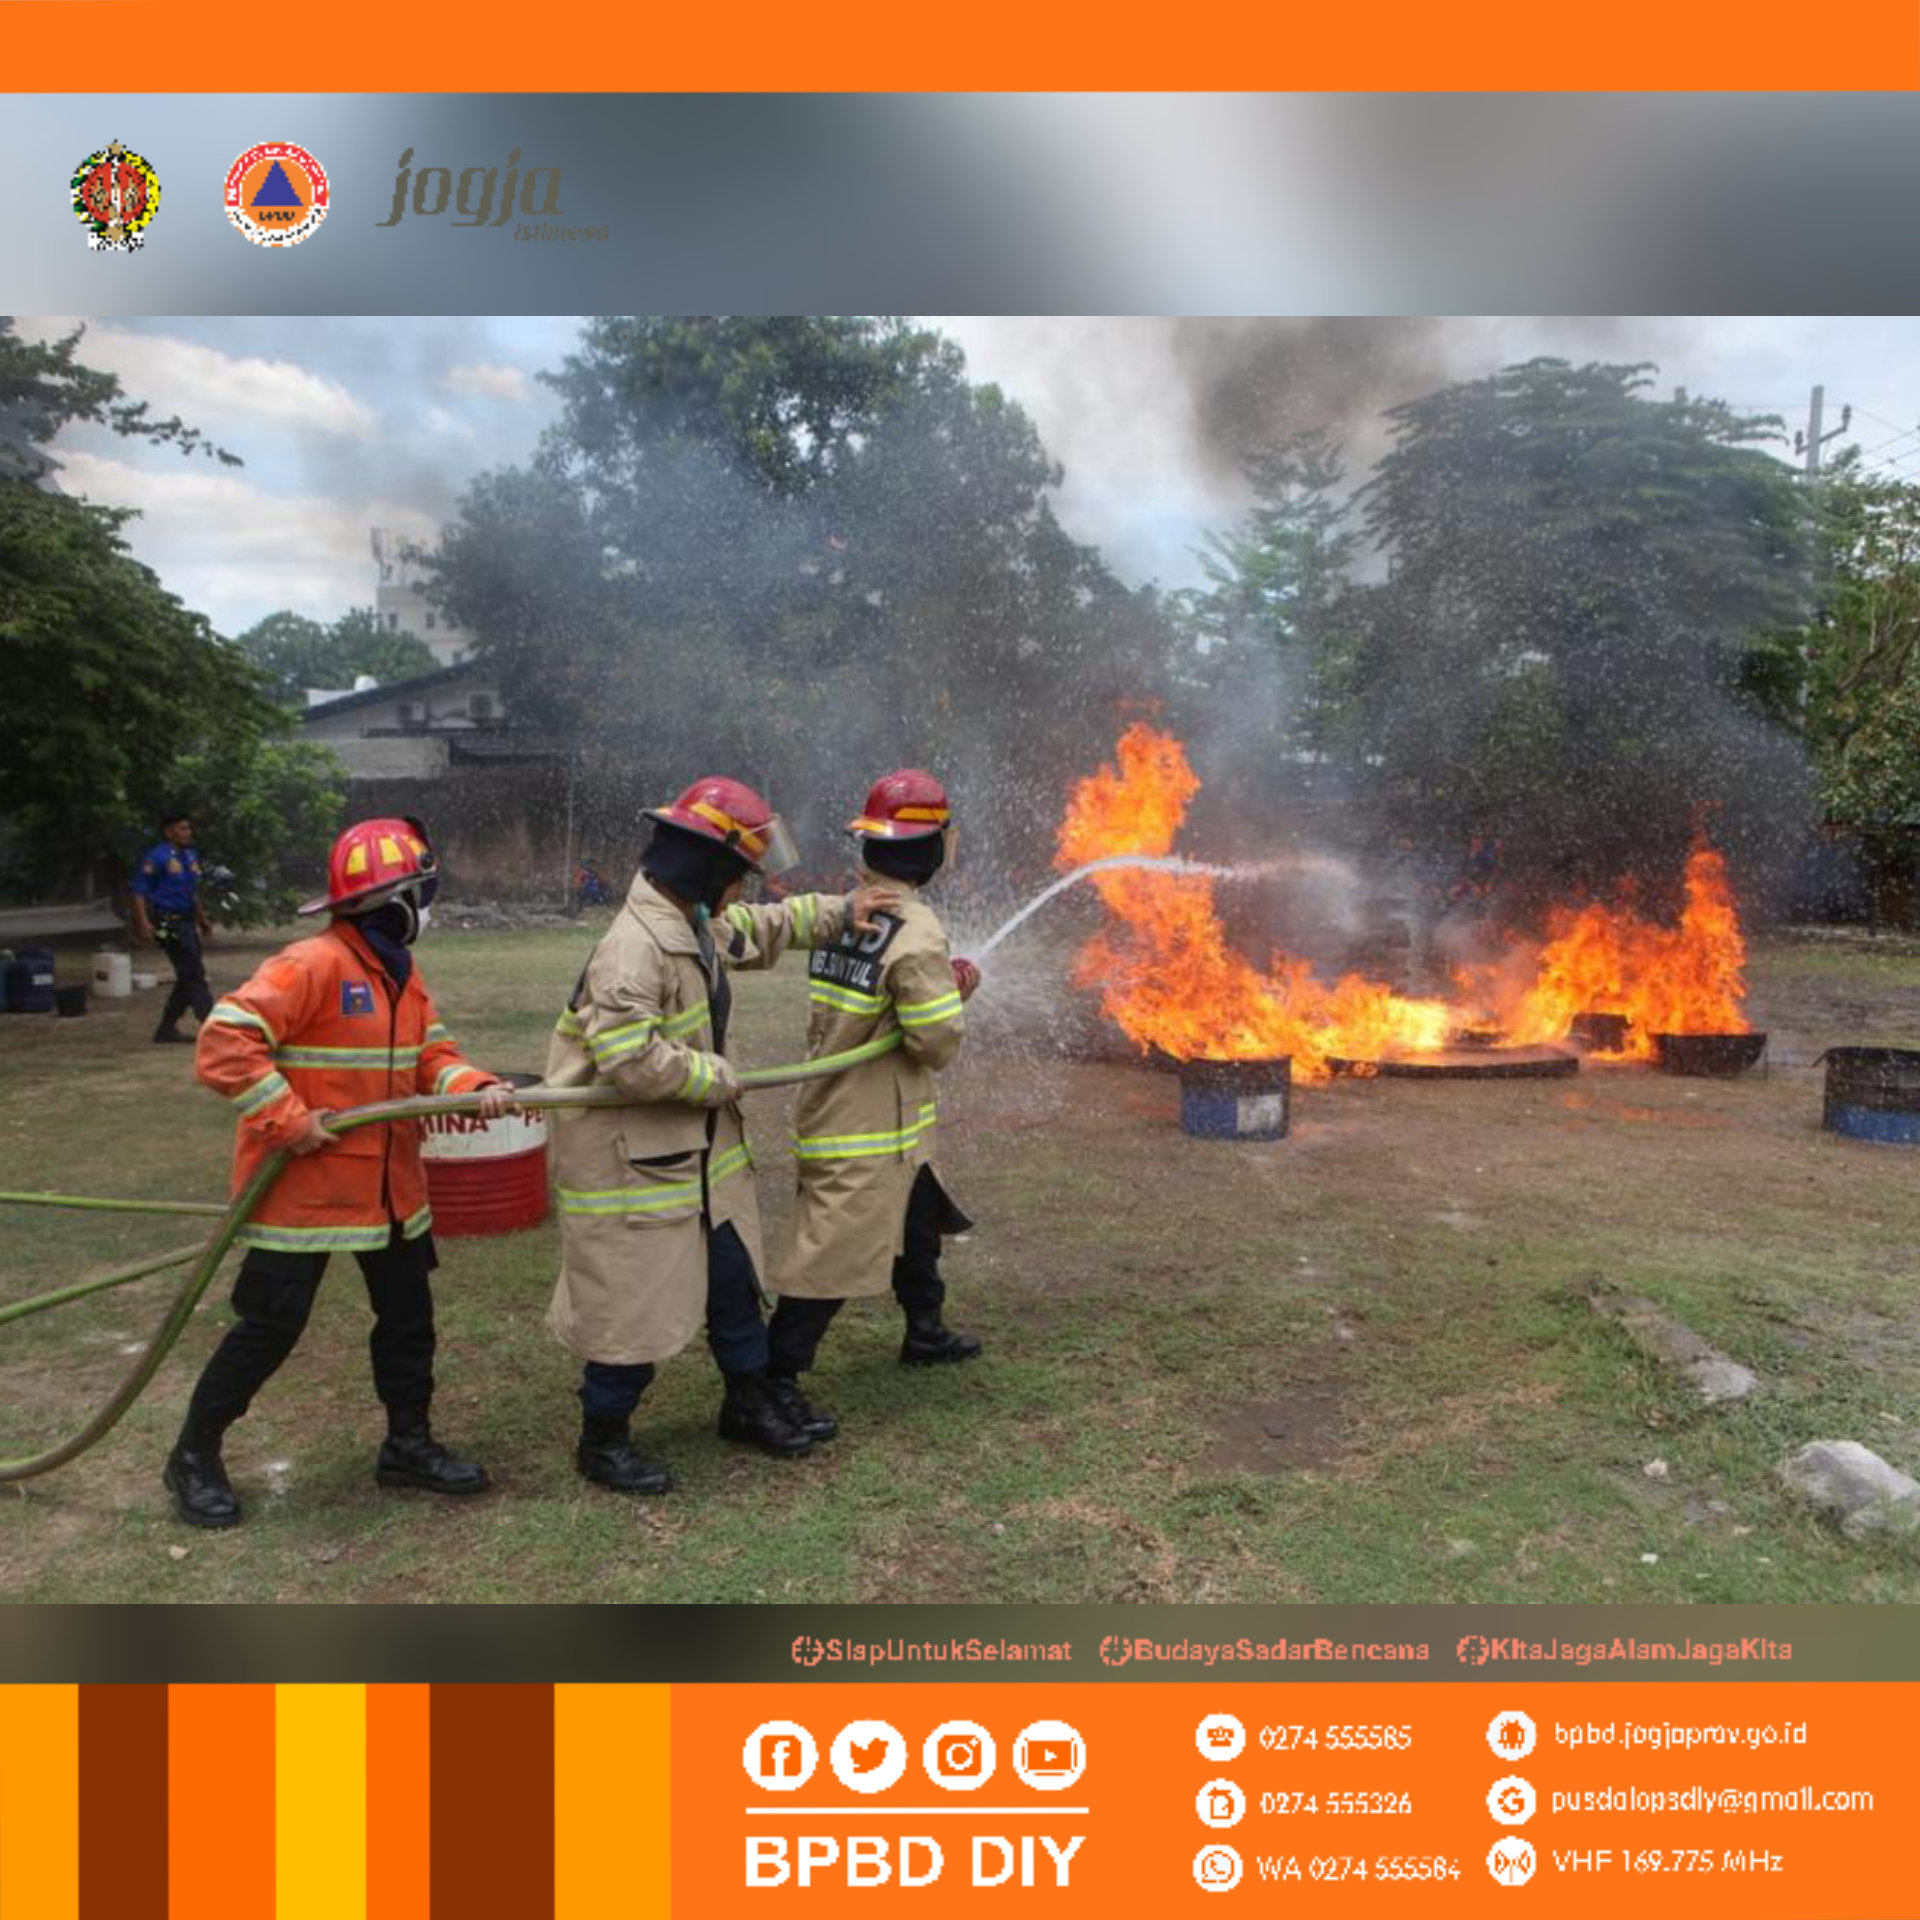 Pelatihan Kesiapsiagaan Gabungan Pemadam Kebakaran se-DIY tahun 2021